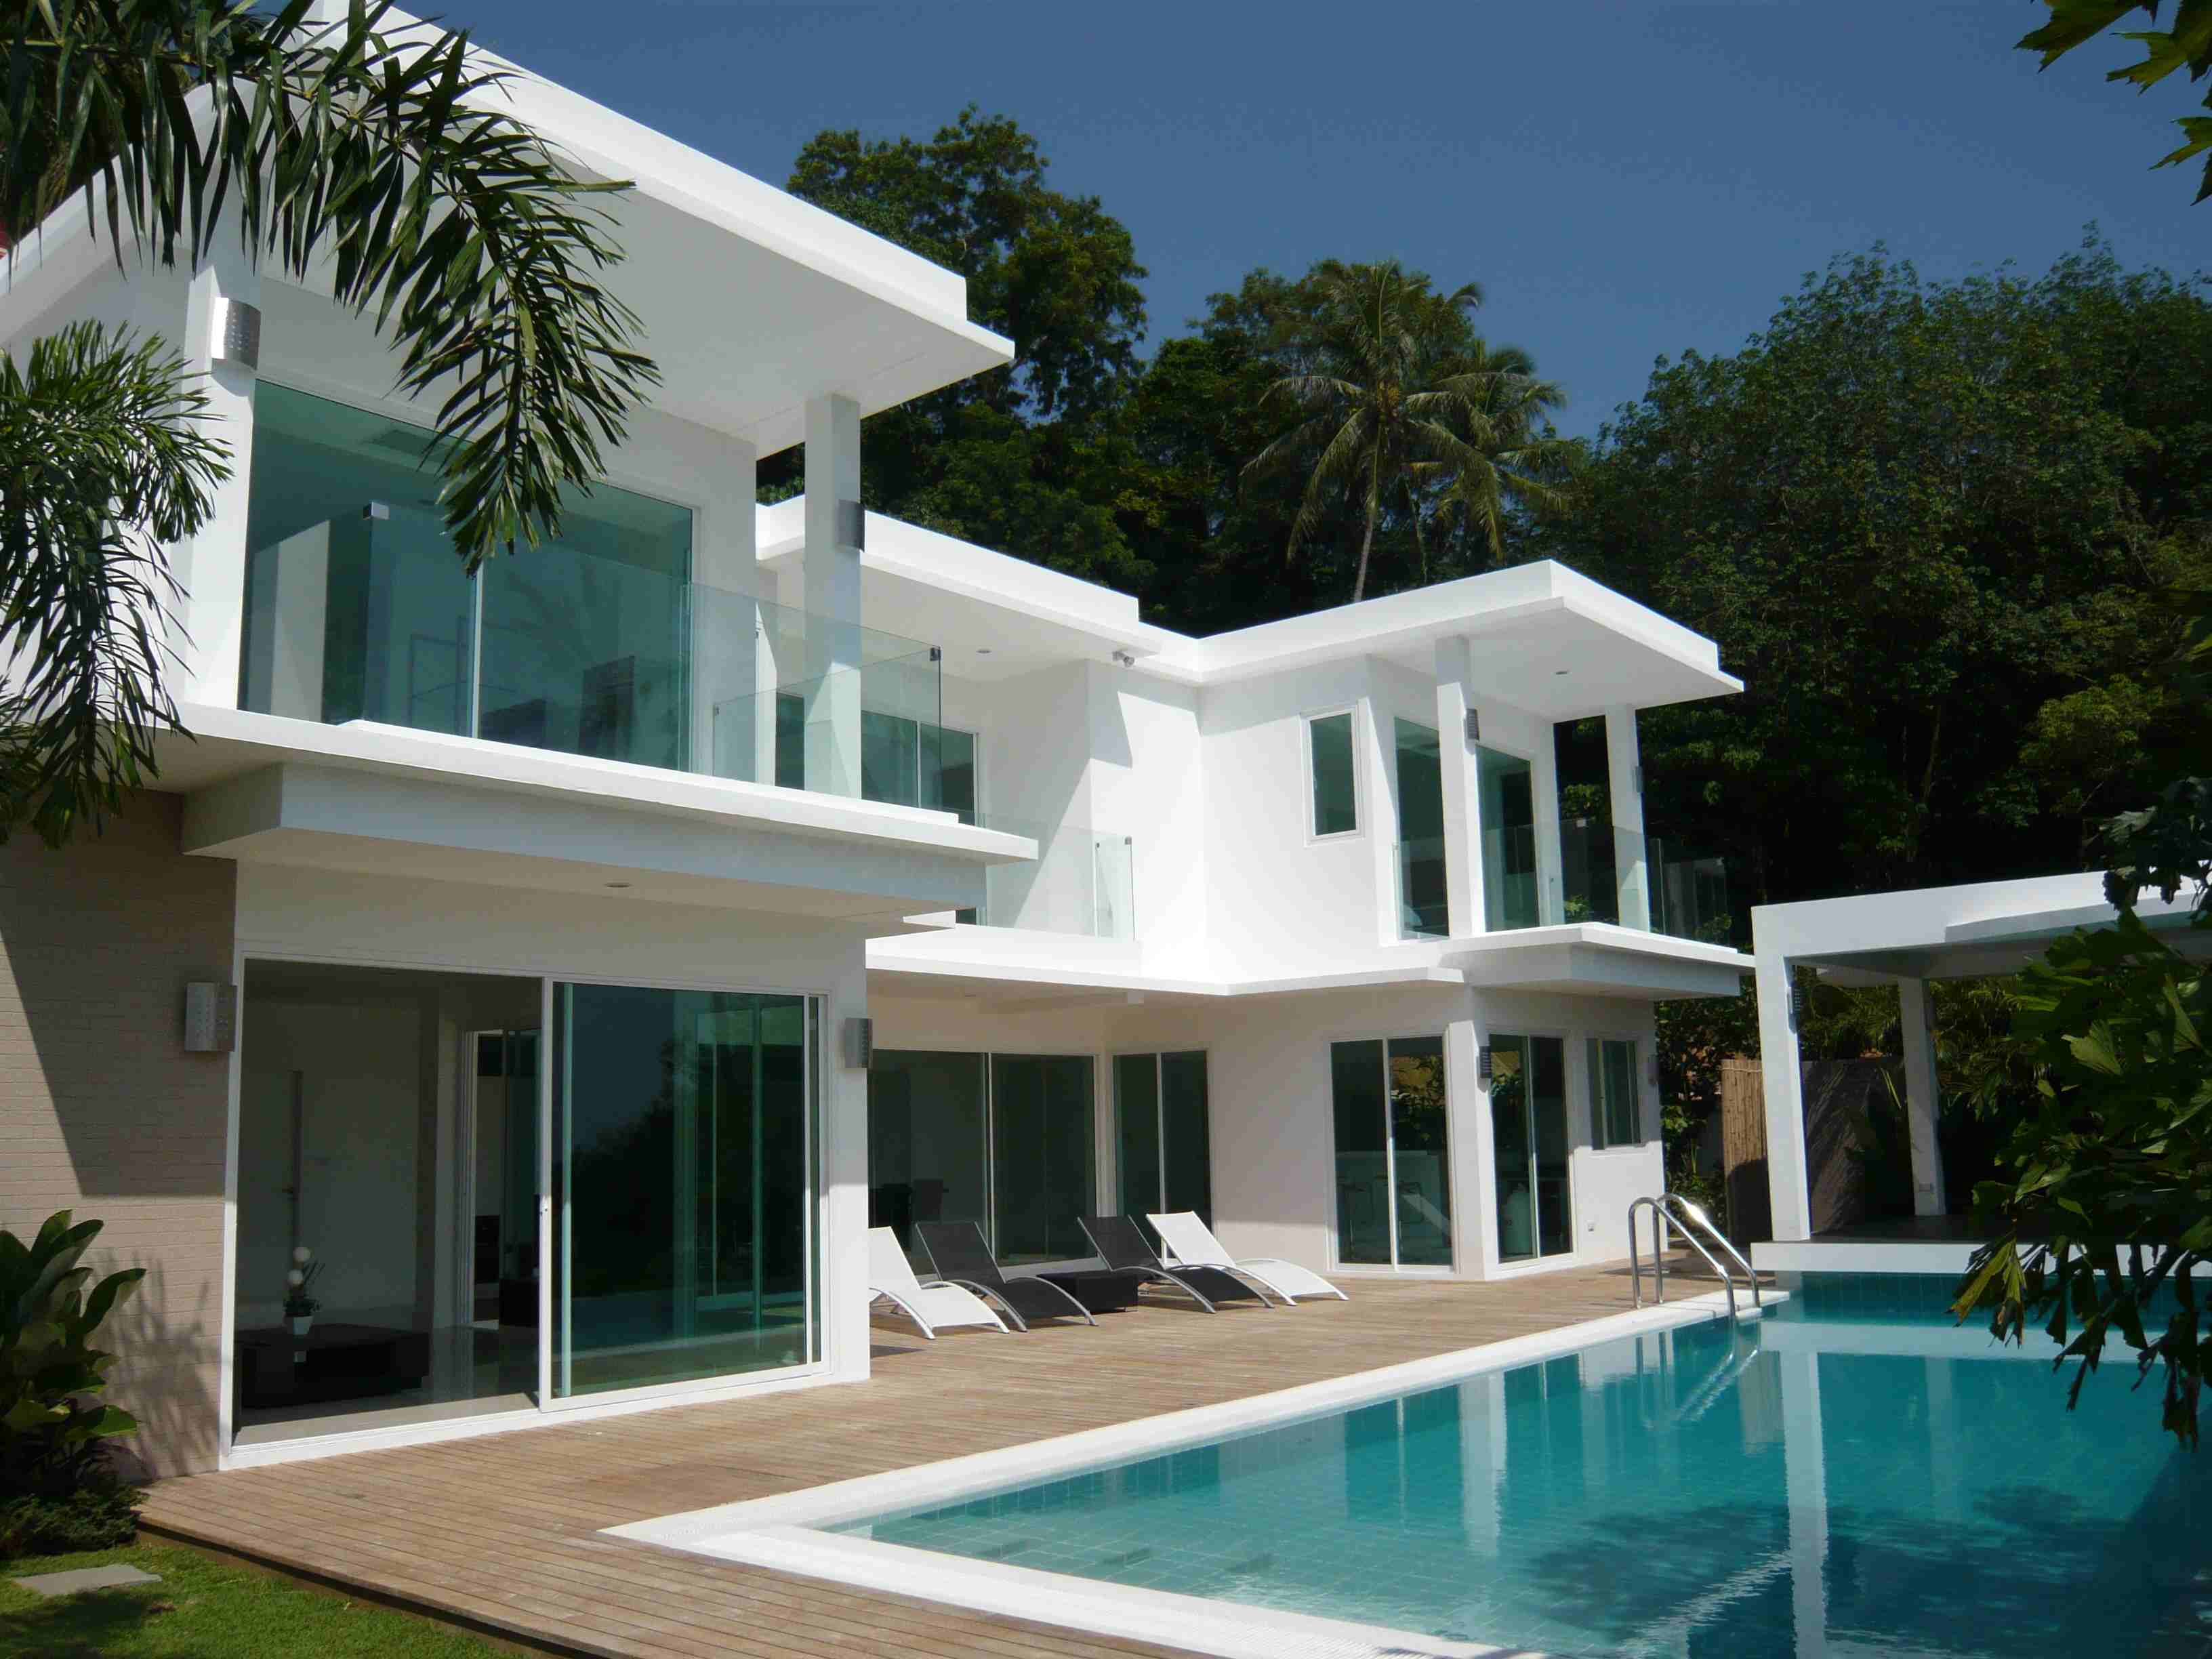 Location maison toulouse une maison avec de la vie - Maison contemporaine de luxe ...